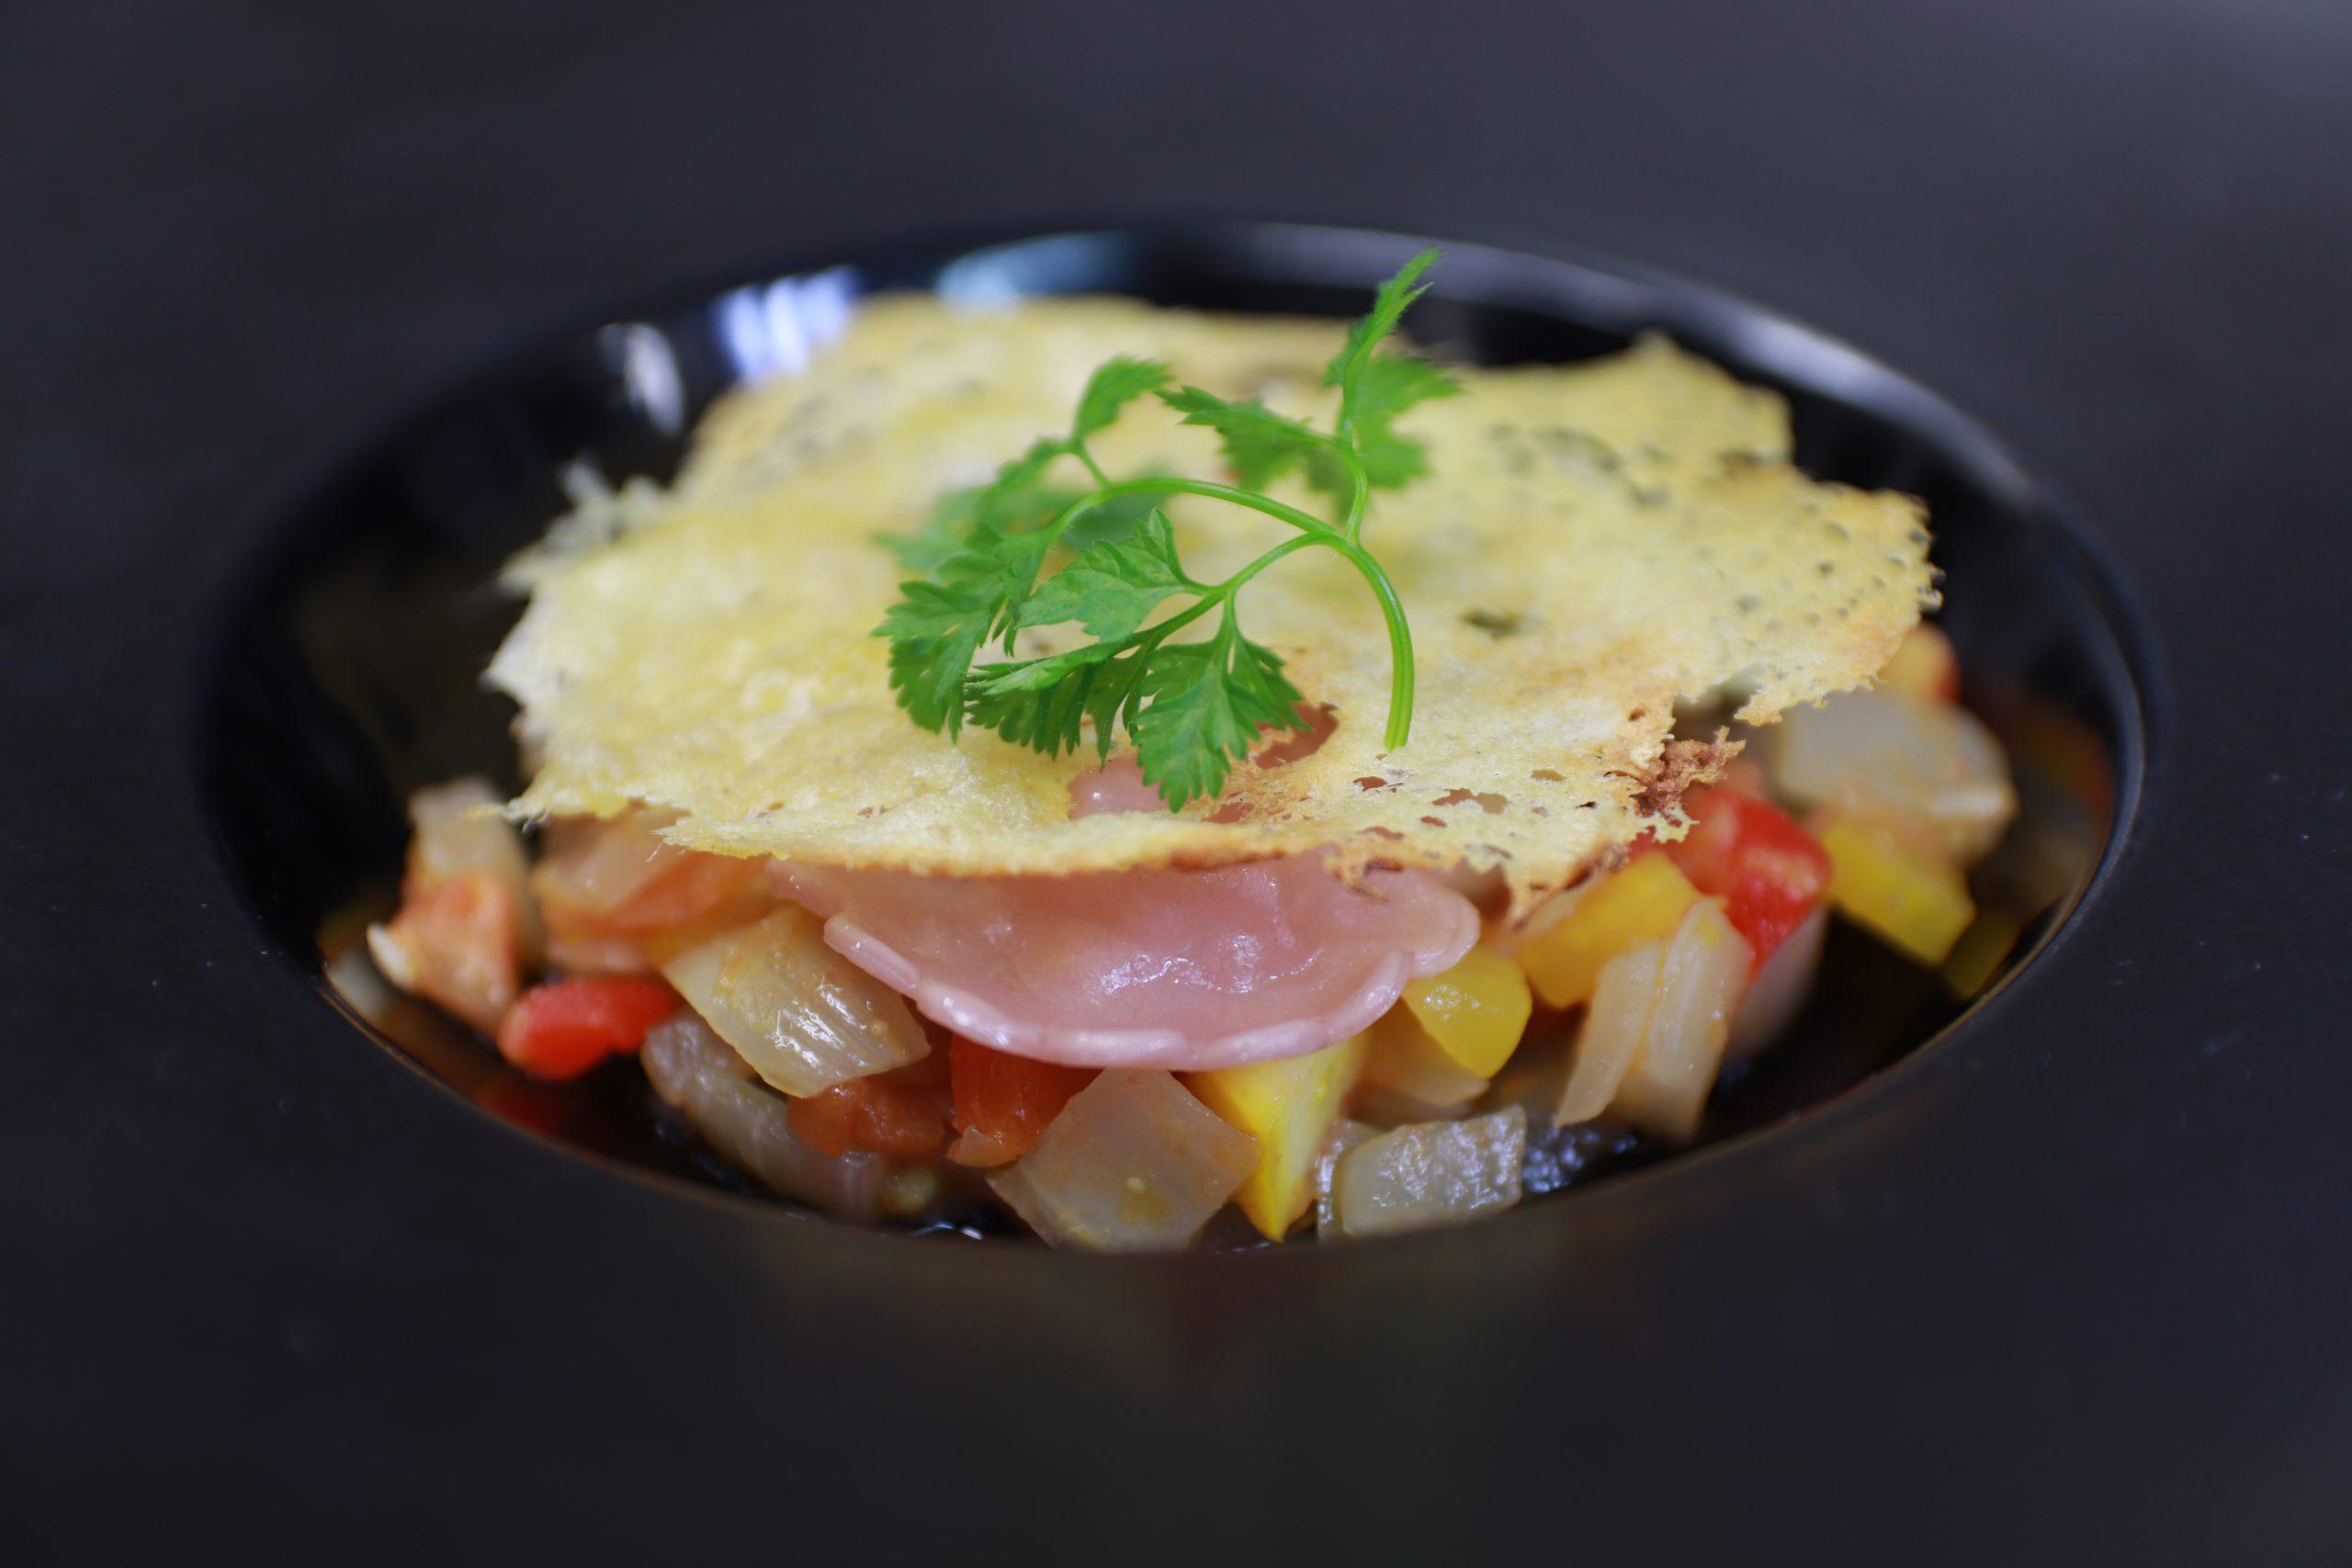 蓼科野菜のラタトゥイユ 開田高原産チーズのチューイルと3色のラビオリ添え